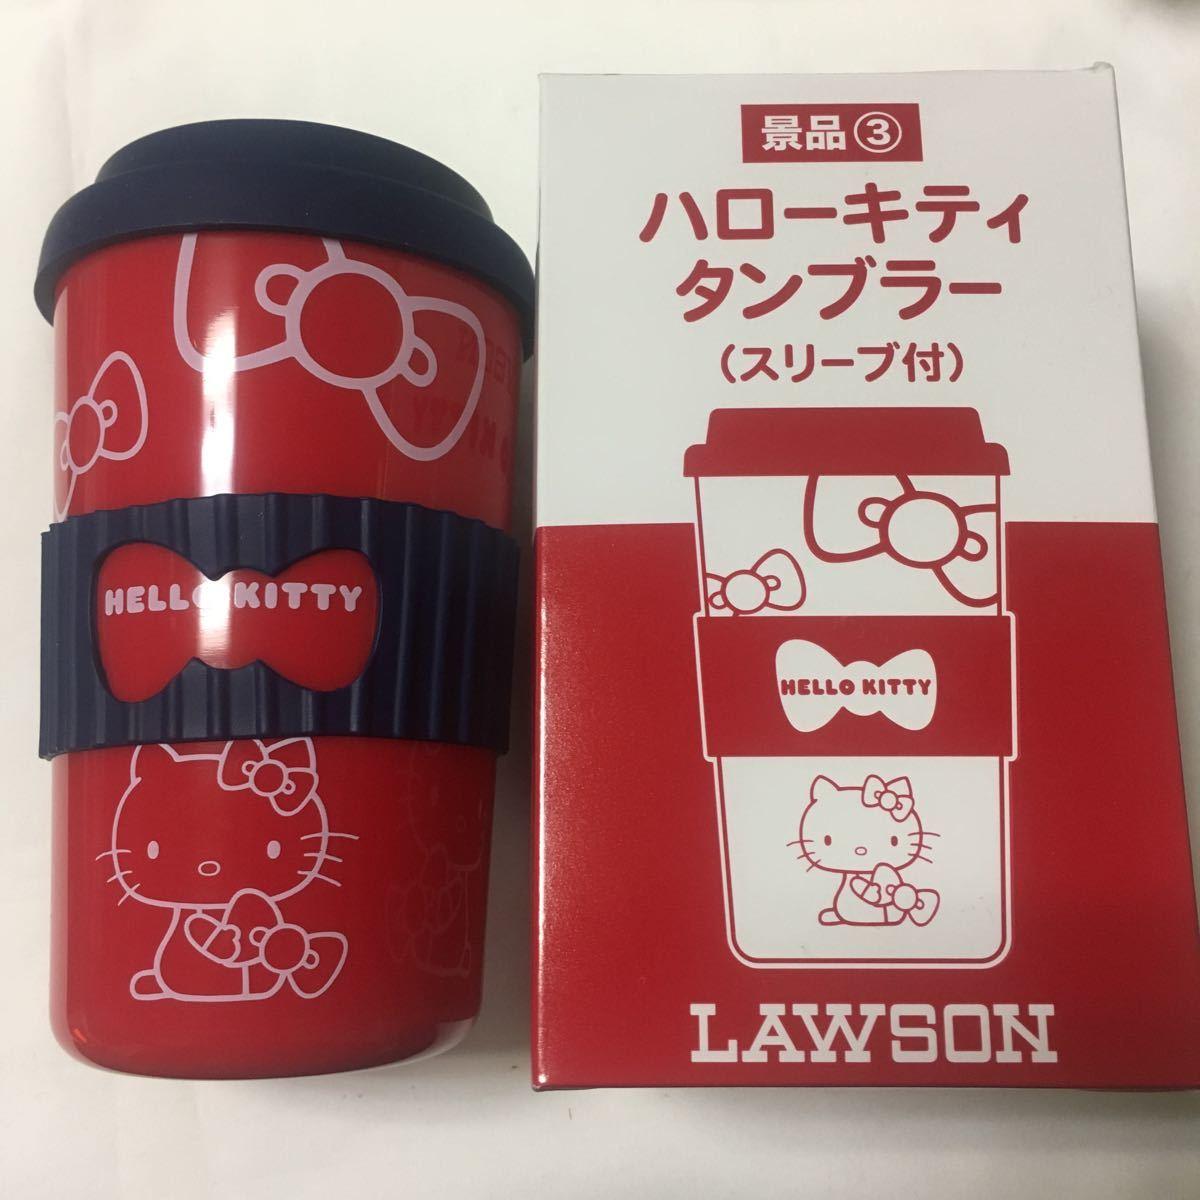 LAWSON ハローキティタンブラー キティちゃん HELLO KITTY タンブラー ローソン 非売品